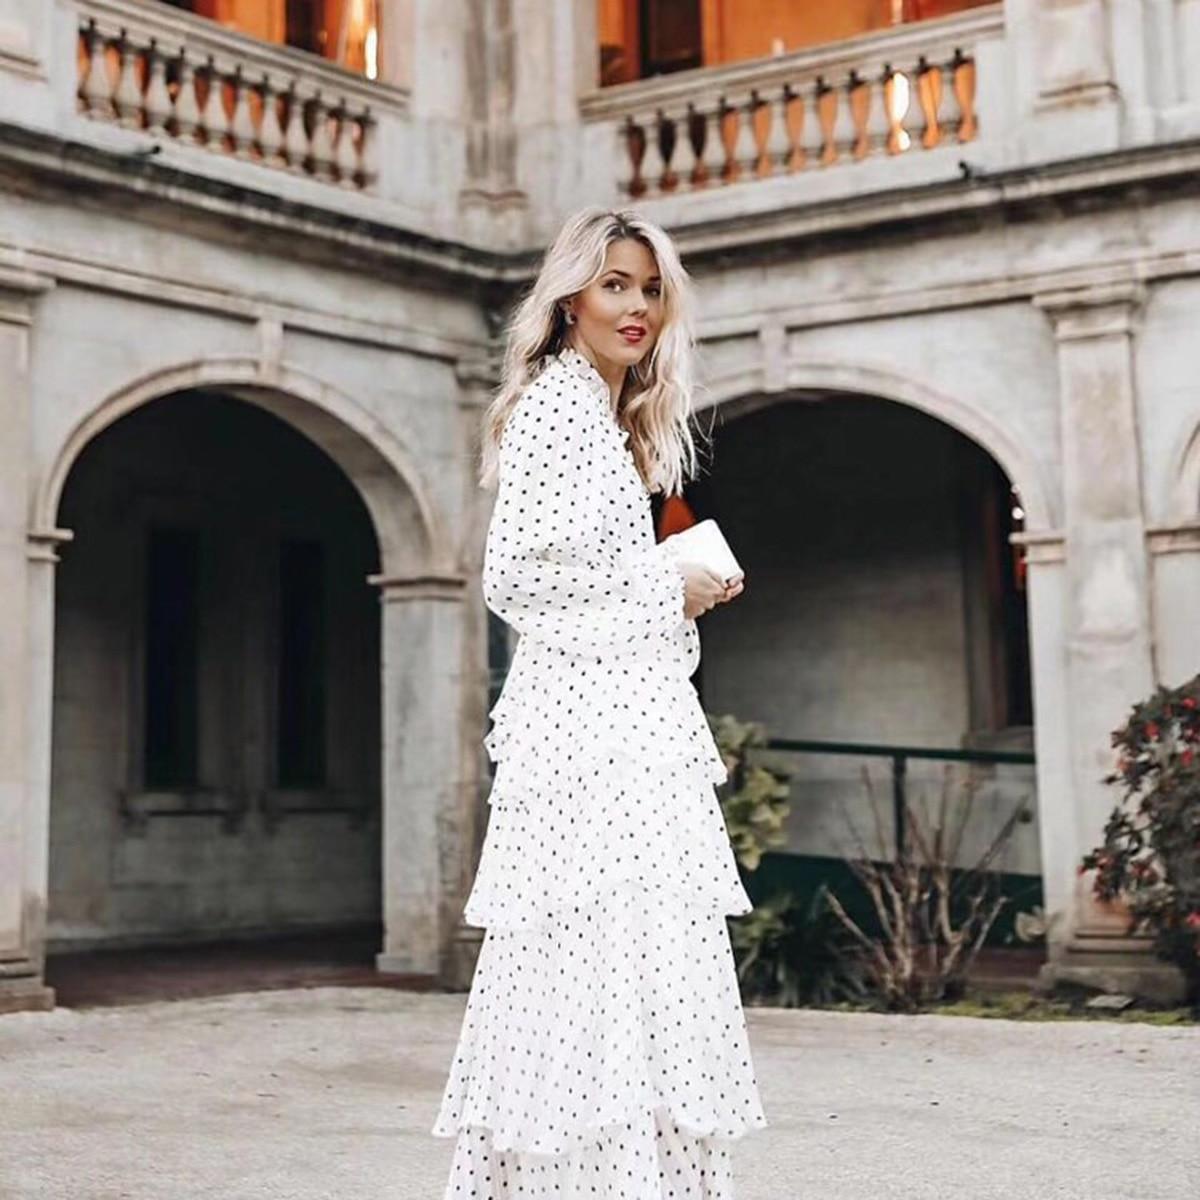 Bohème Karina Sexy Maxi robe pour femmes Automne D'été à manches longues Volants Garniture Polka Dot Imprimer conduites de carburant Élégant des vêtements formels